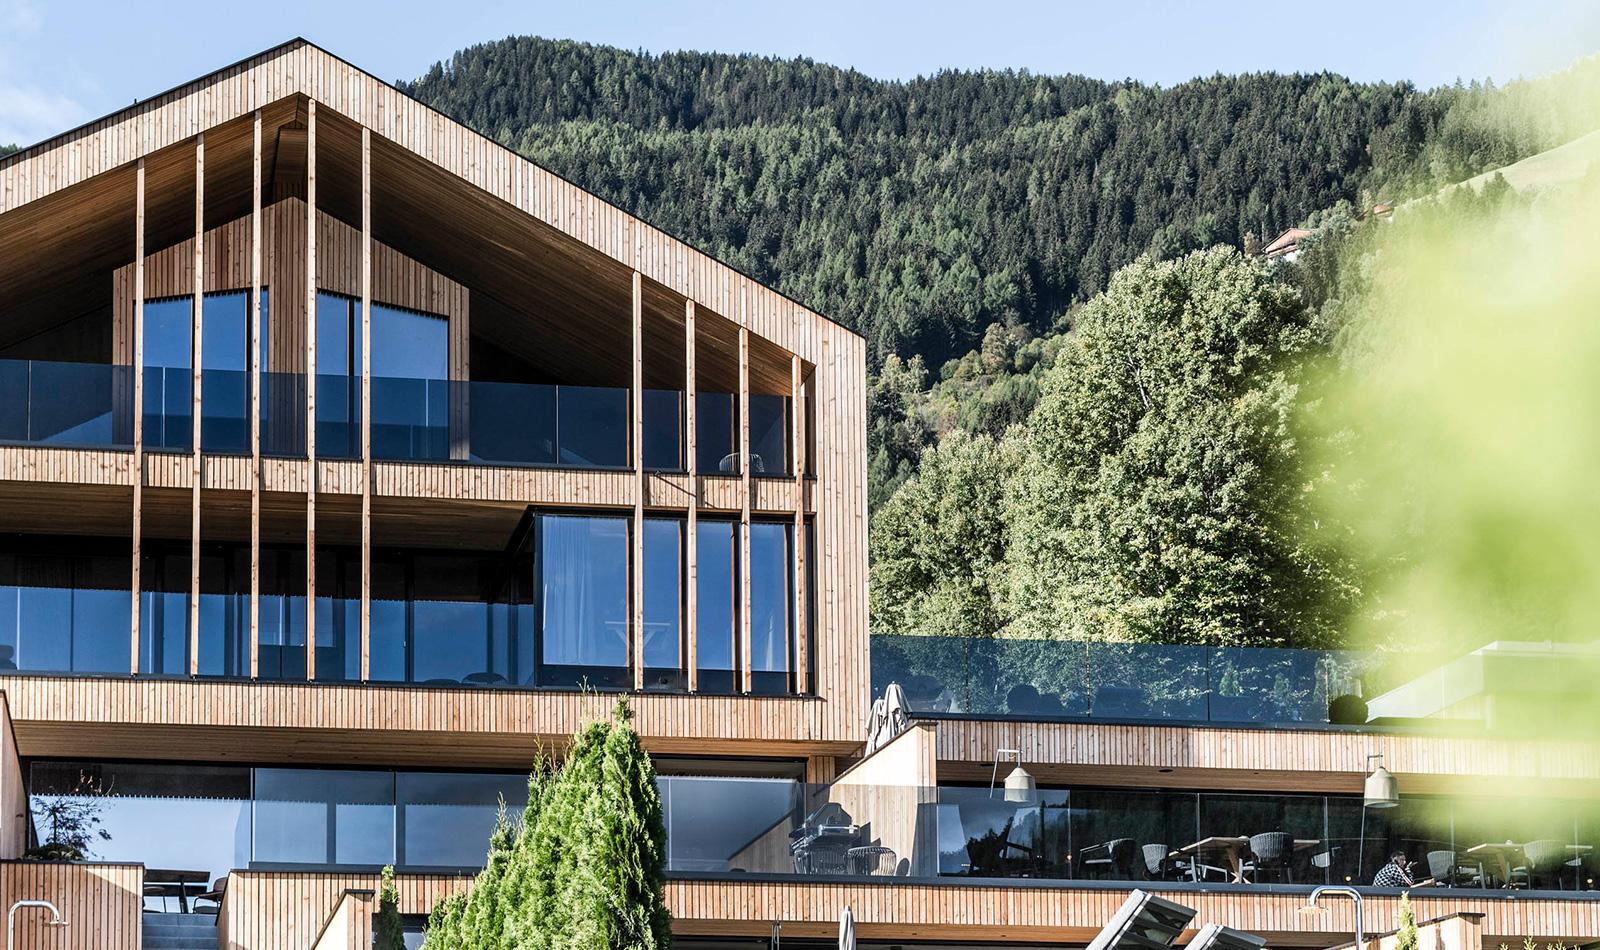 Ganzkörpermassage: Foto vom Wellnesshotel Purmontes – Private Luxury Chalet | Wellness Südtirol